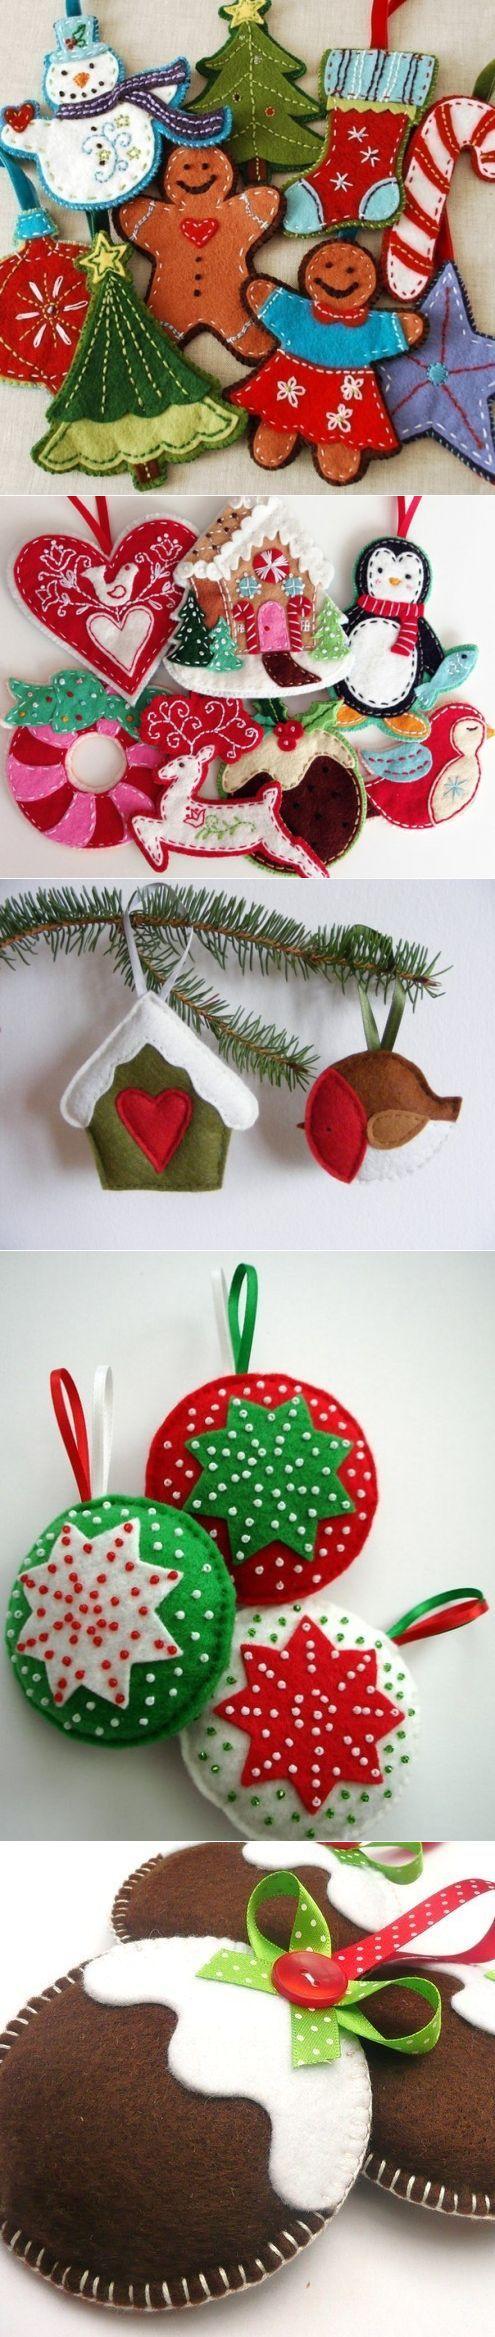 Новогодние украшения, елочные игрушки своими руками / Украшение для дома к празднику. Упаковка подарков, подарочные коробки своими руками / КлуКлу. Рукоделие - бисероплетение, квиллинг, вышивка крестом, вязание: